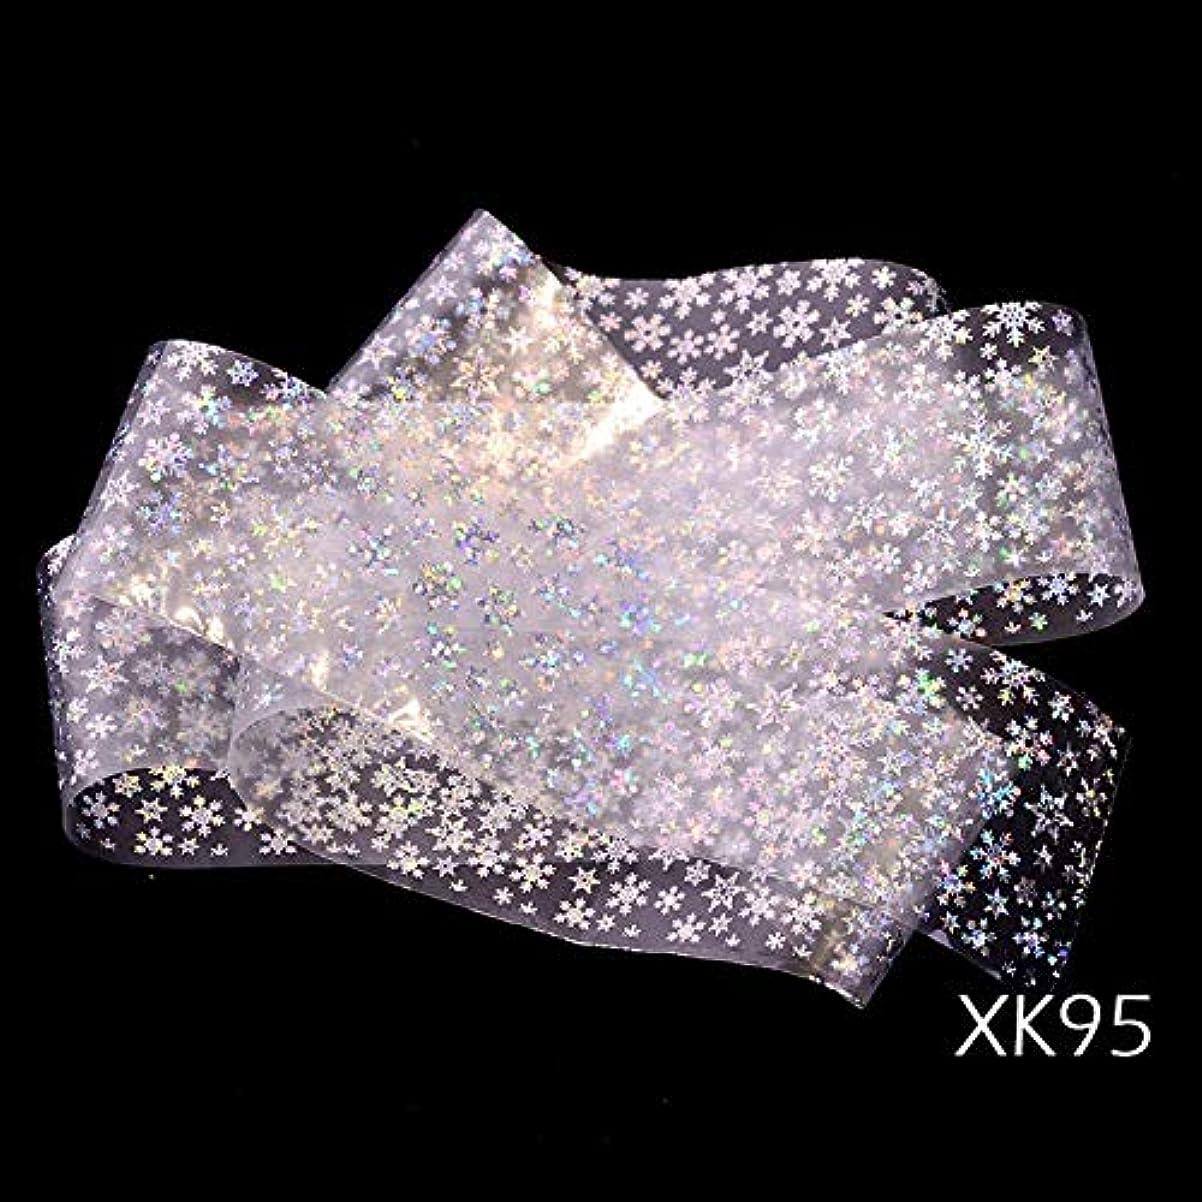 潜在的な装置矢じり1ピースレーザーネイル箔転写ステッカークリスマスホログラフィックシルバーカラー光沢のあるスノーフレークデザイン透明/ブラックチップSAXK94-97 XK95